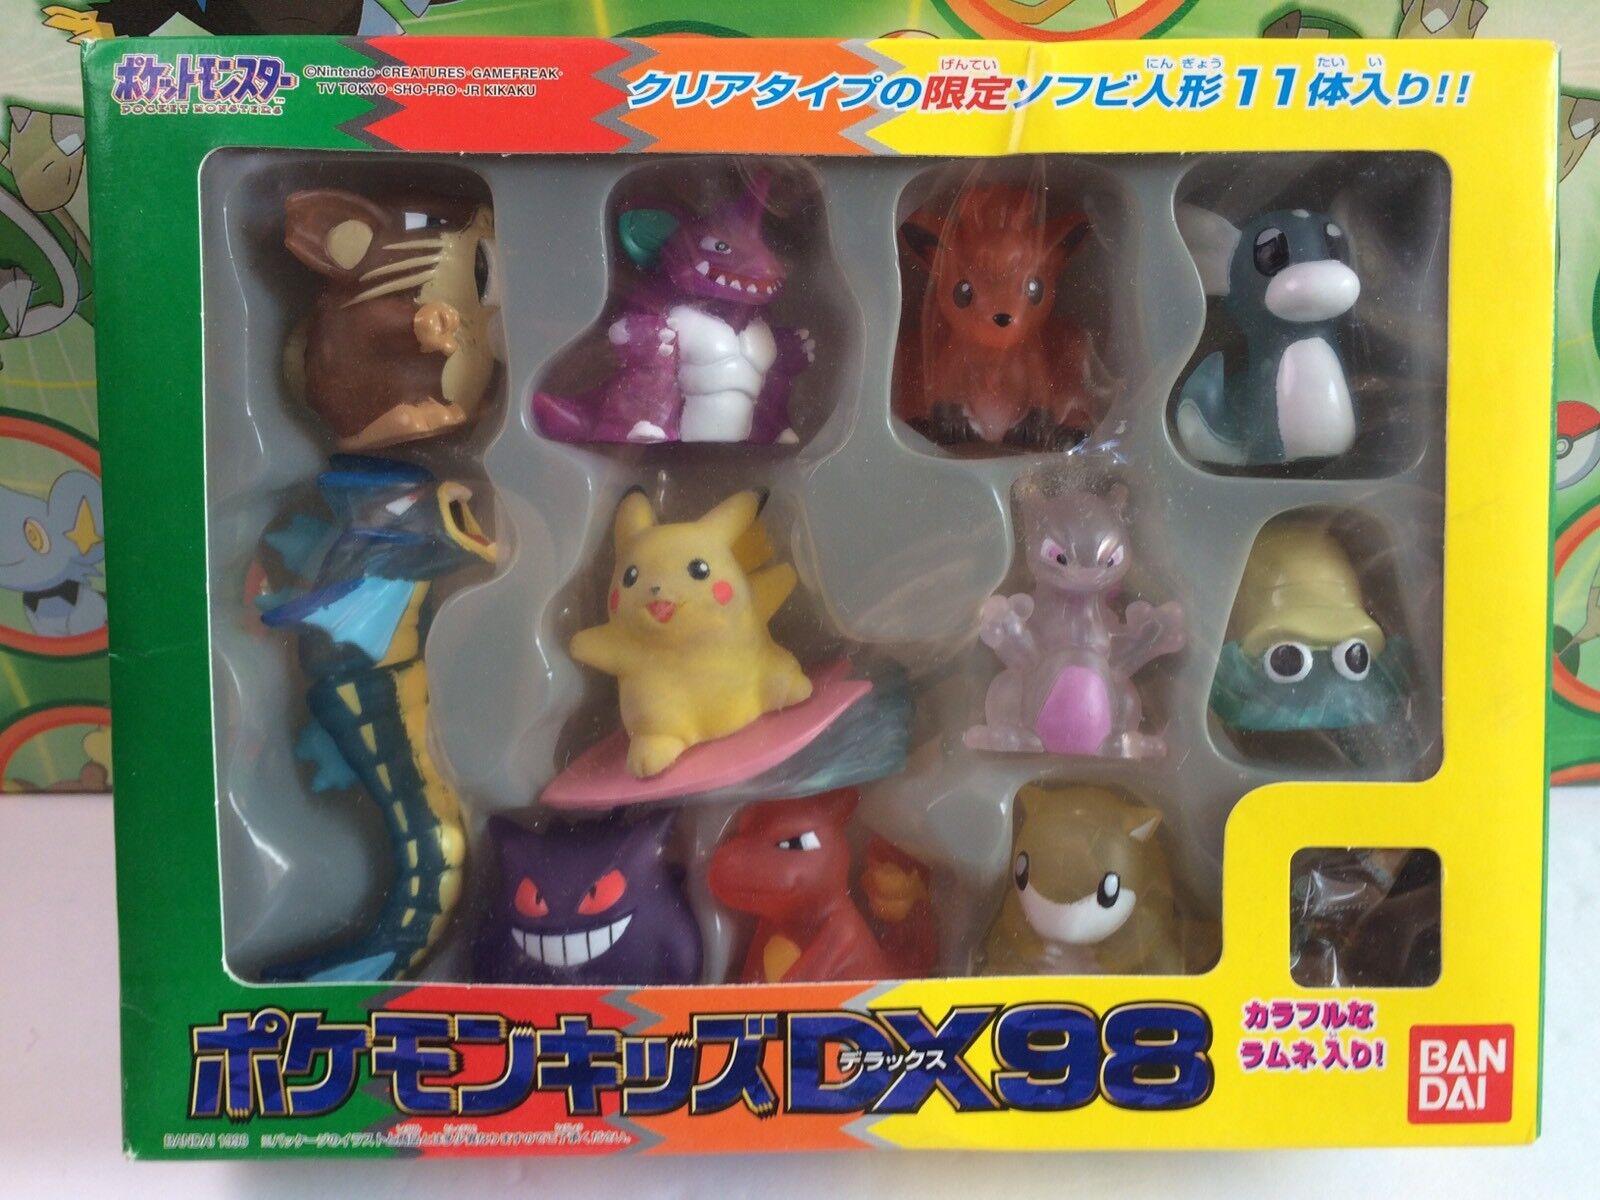 Pokemon Clear Kid Figure Set Surfing Pikachu Gyarados Vulpix Dratini Gengar Box